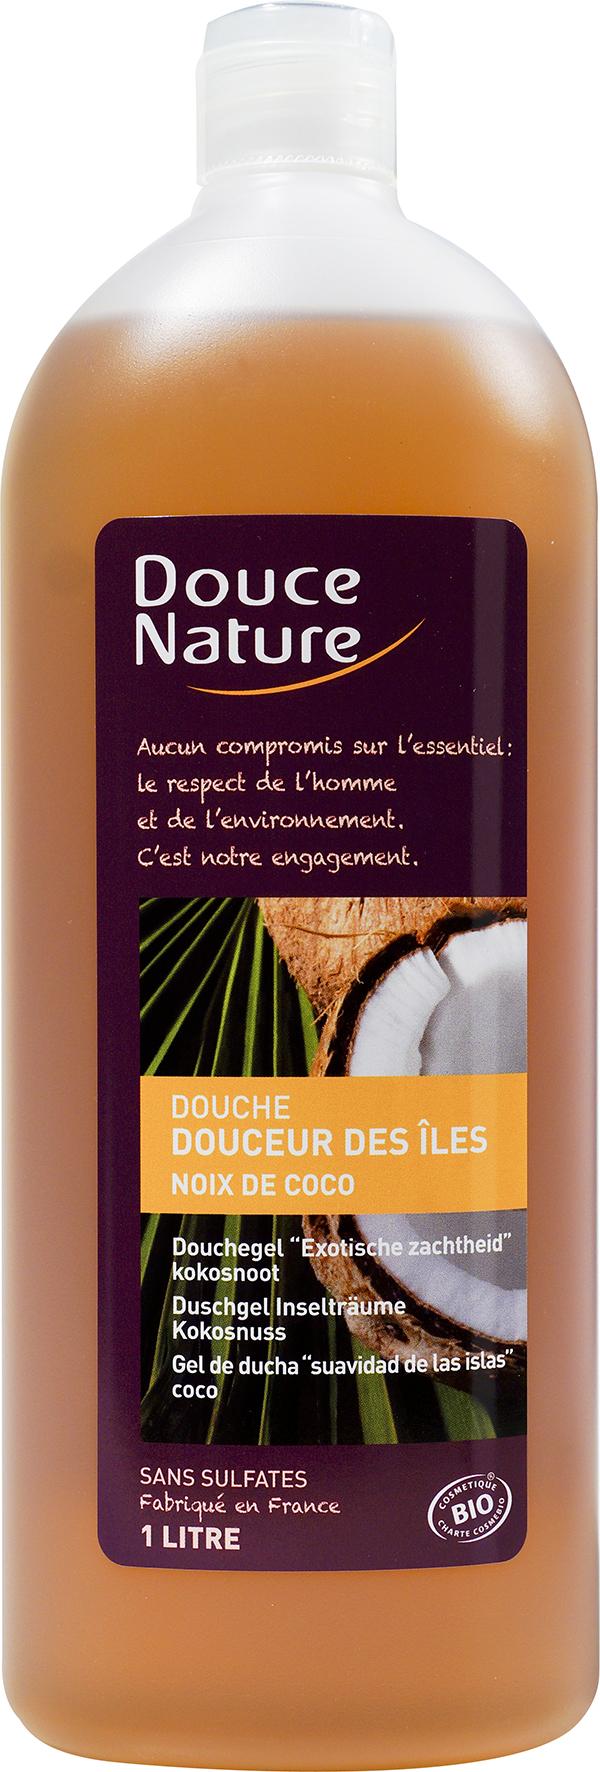 Douche douceur des îles noix de coco, Douce Nature (1 L)